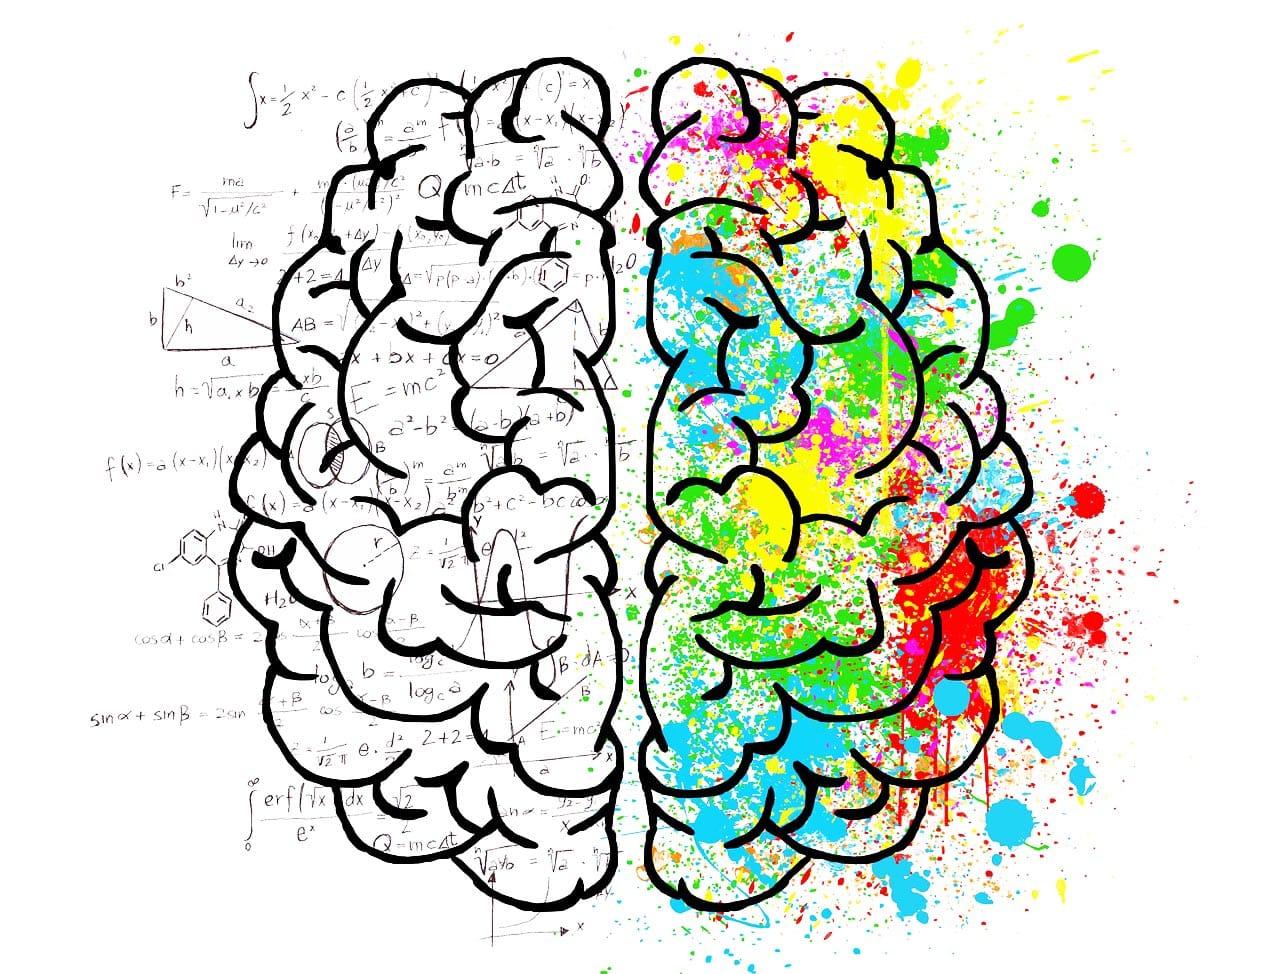 Fernstudium Wirtschaftspsychologie Aufbau Gehirn wissenschaftlich